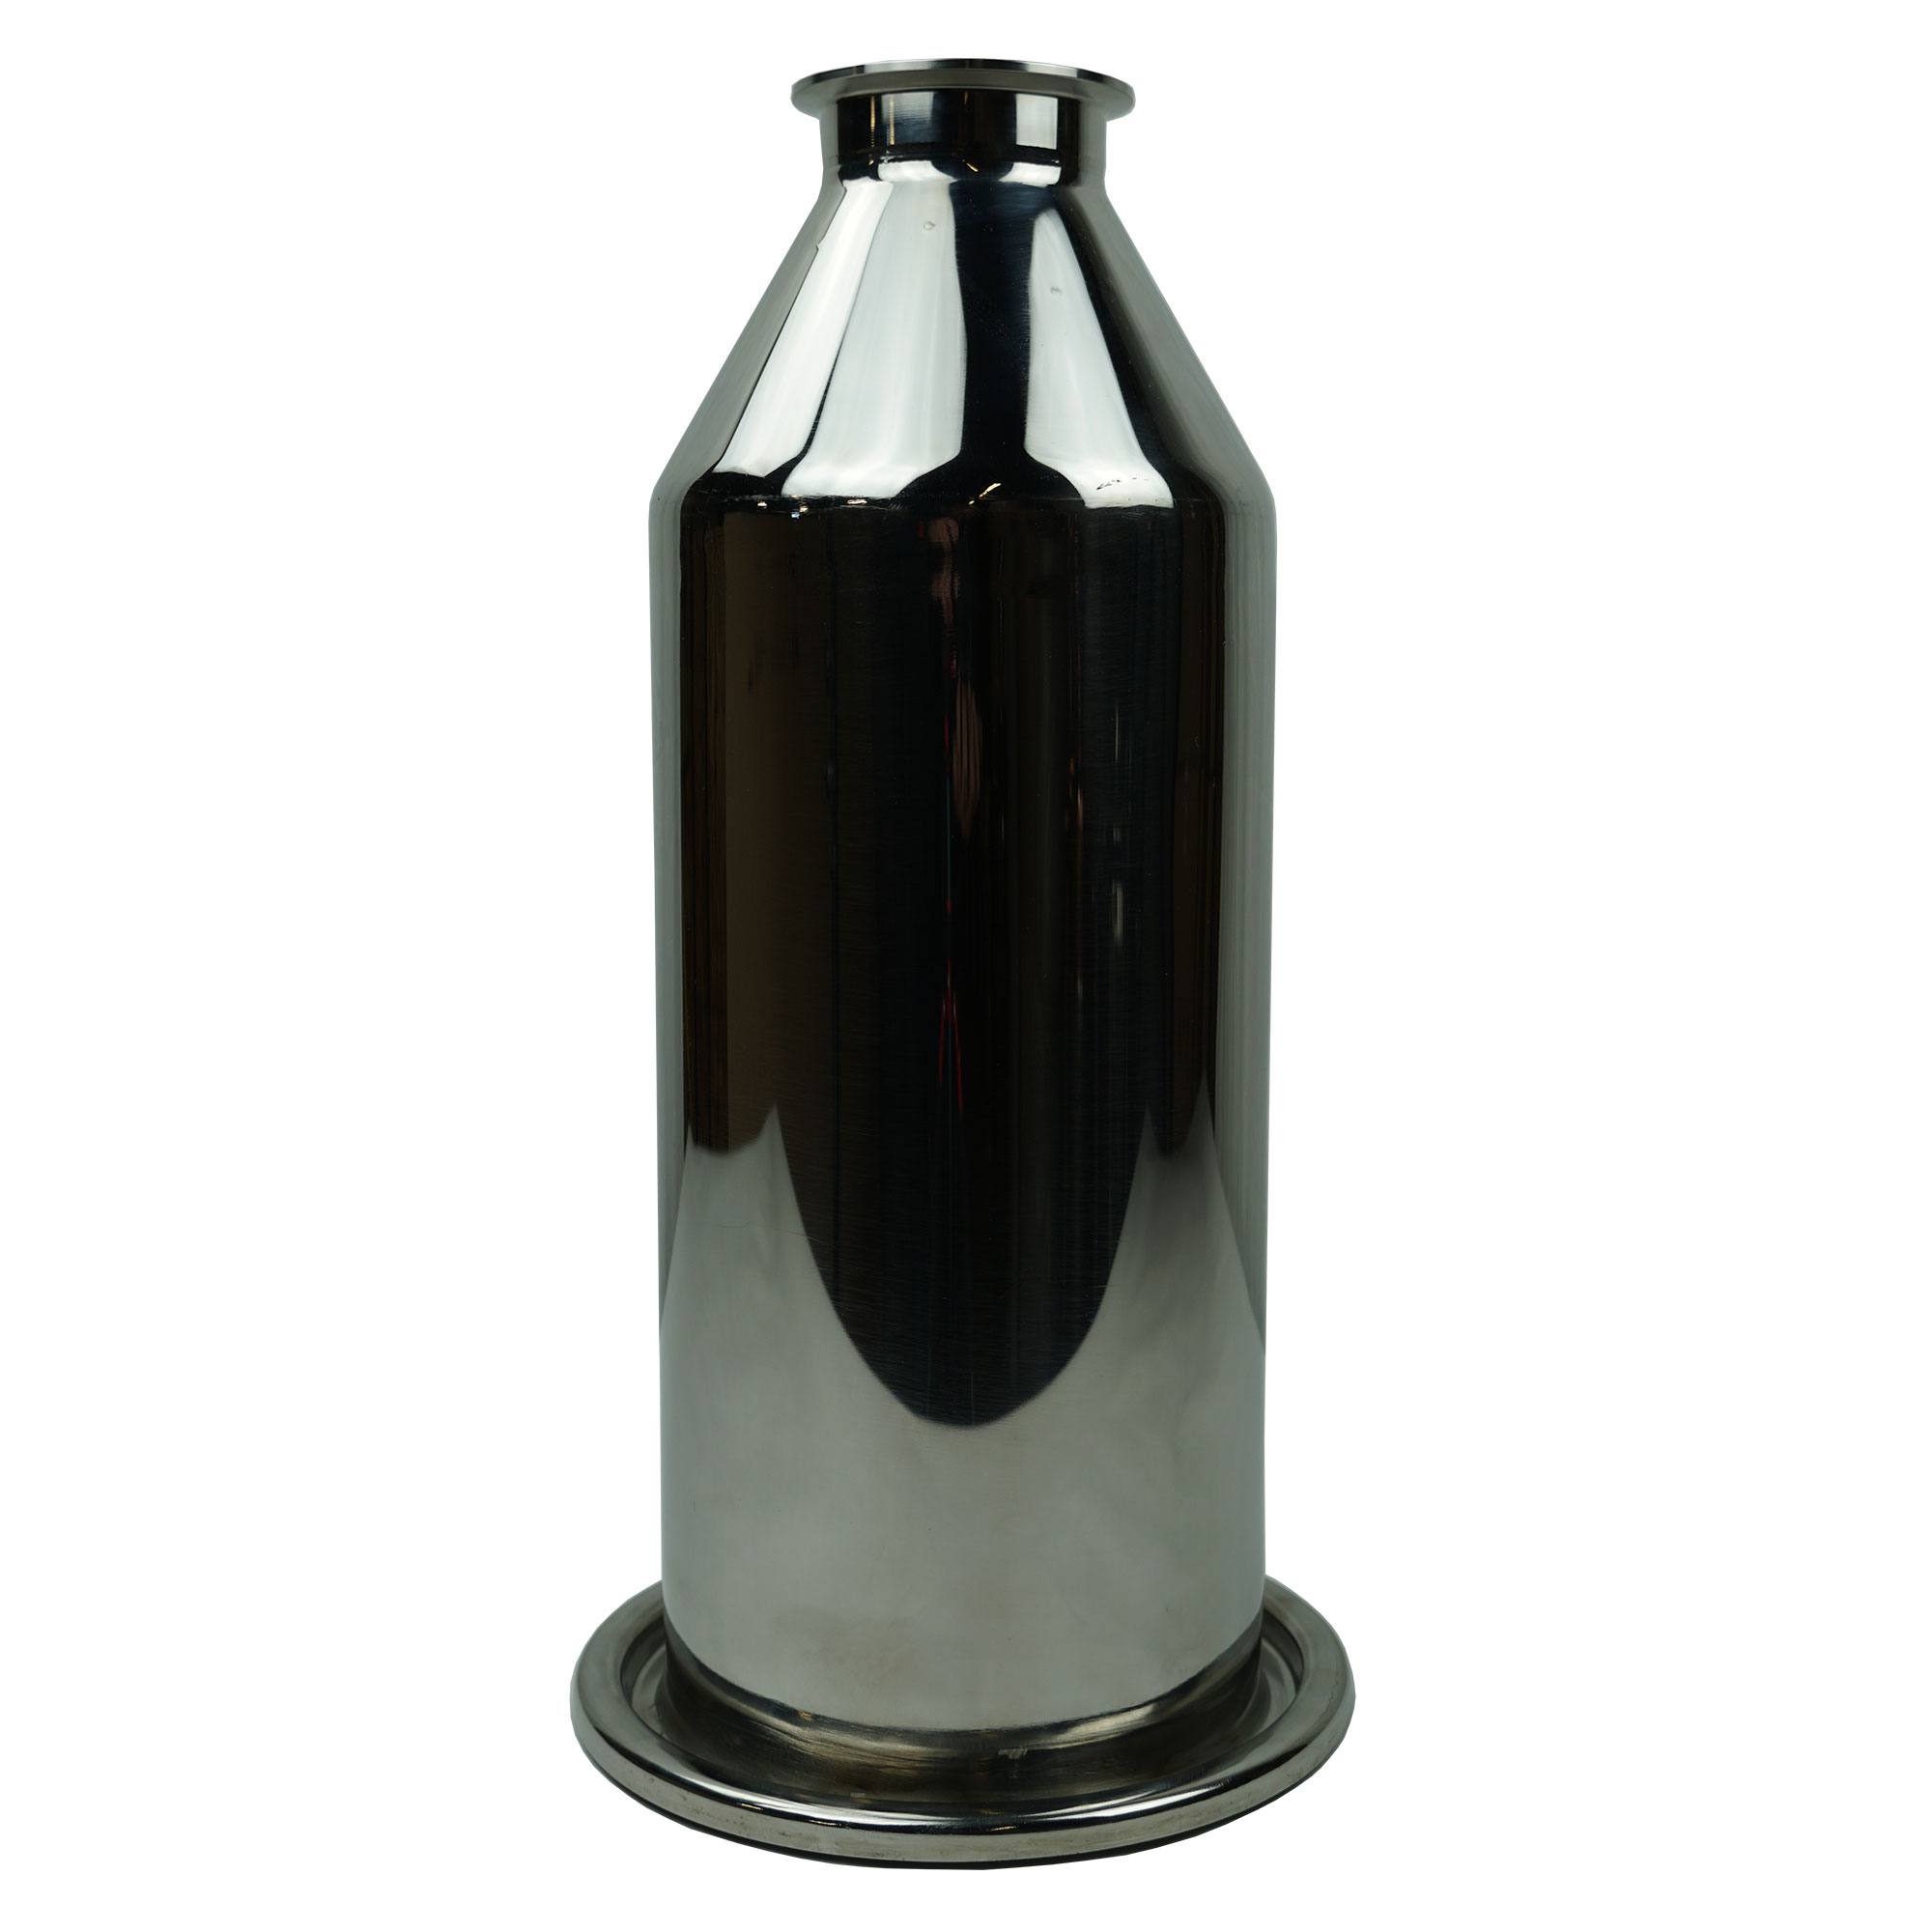 larger 8 liter steam extraction basket